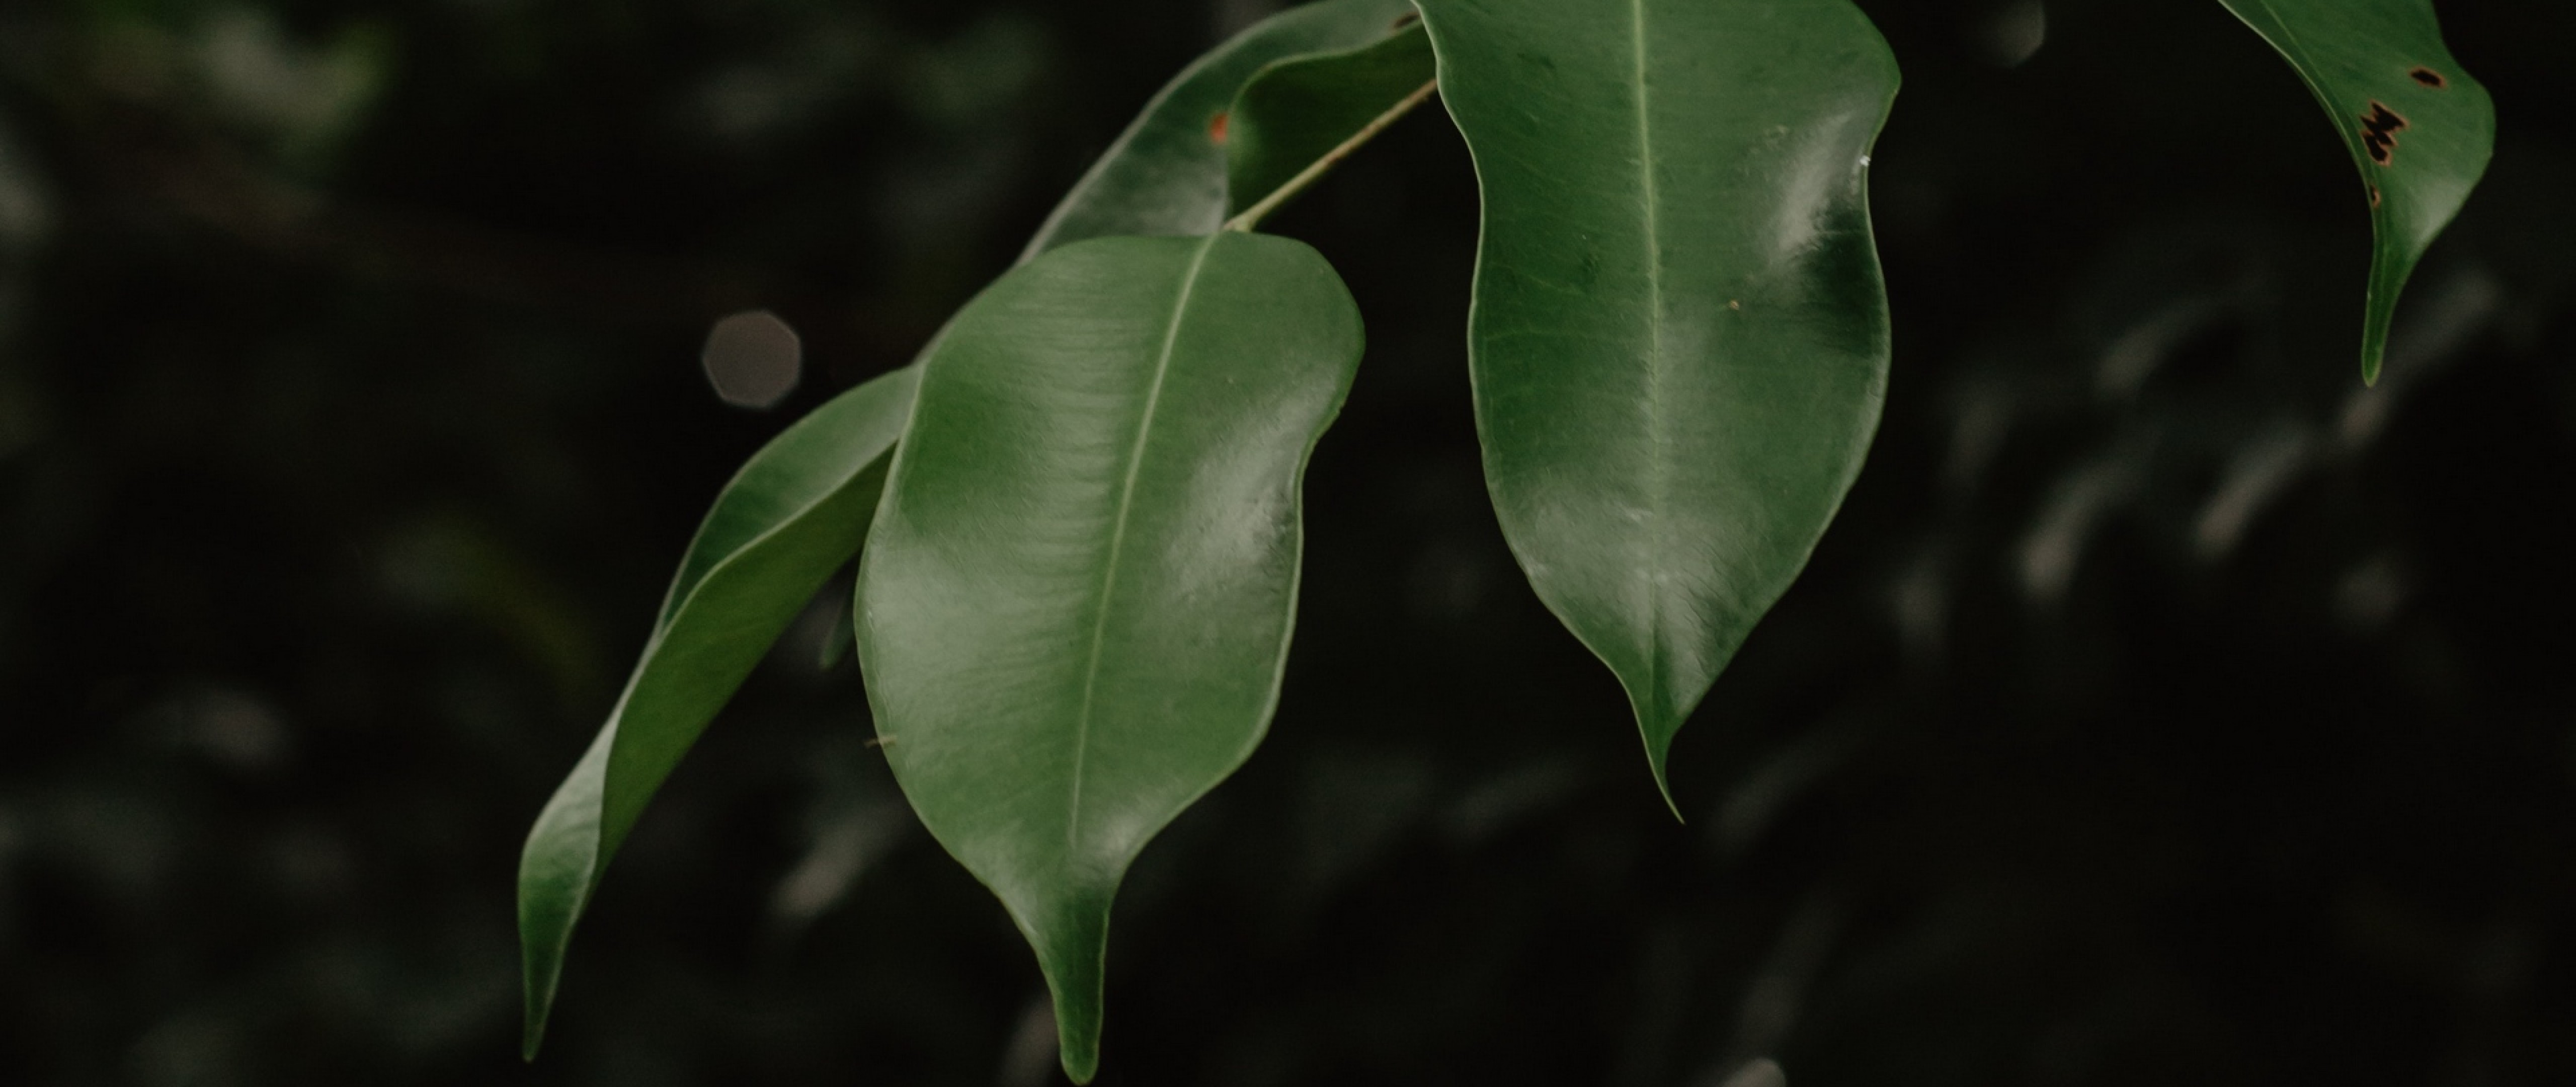 Branch Of Green Leaves Hd Wallpaper 4k Ultra Hd Wide Tv Hd